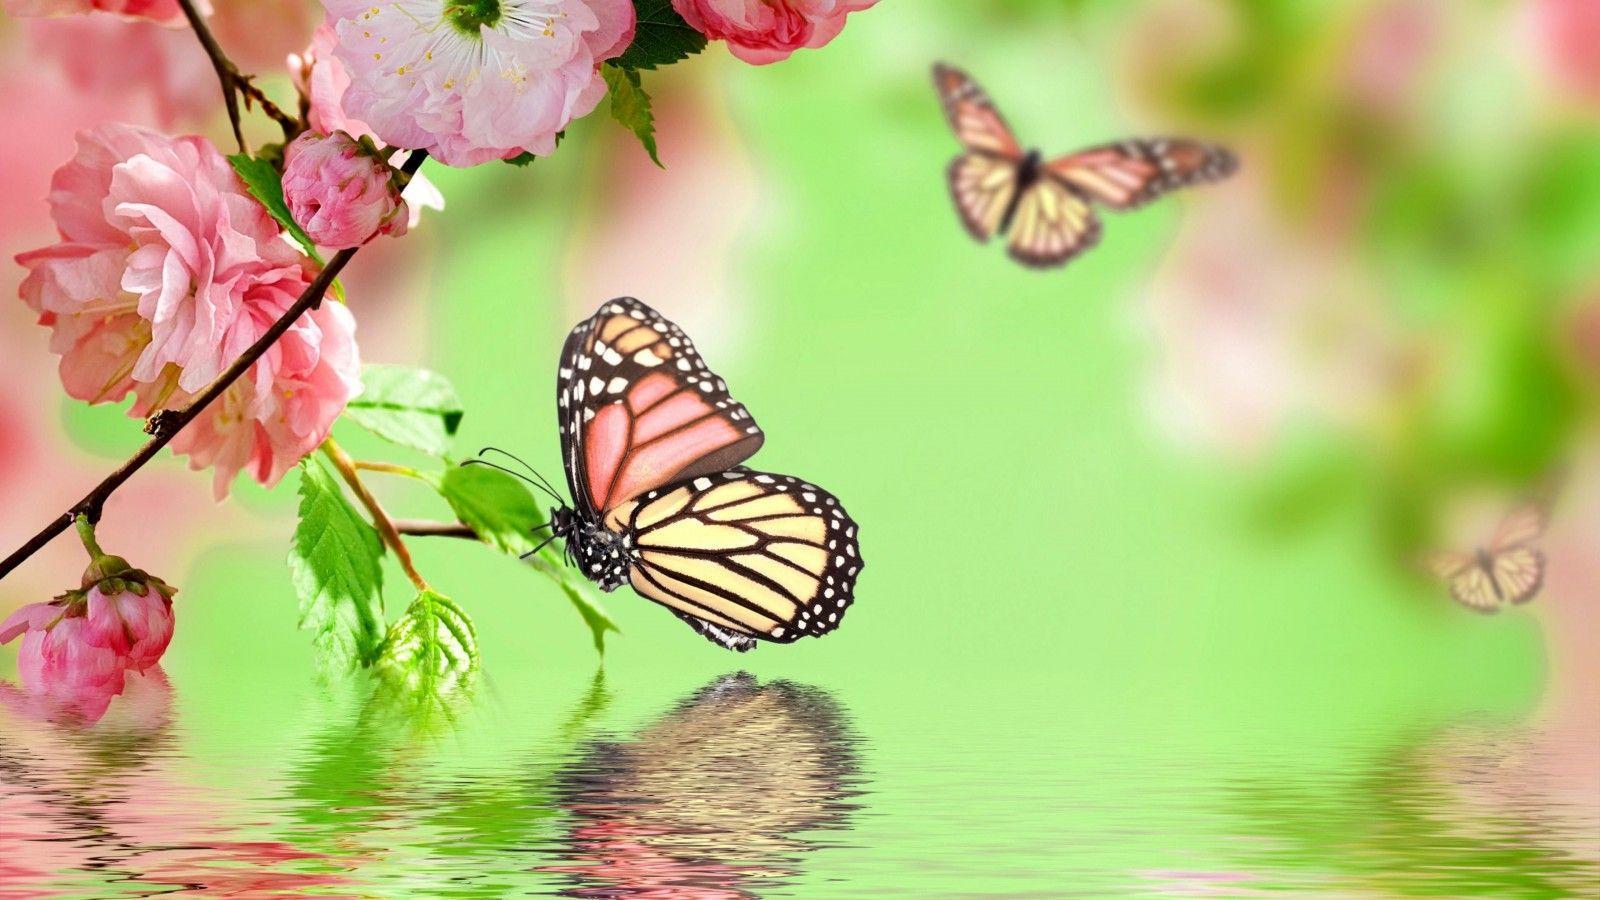 Butterfly Desktop Wallpapers Top Free Butterfly Desktop